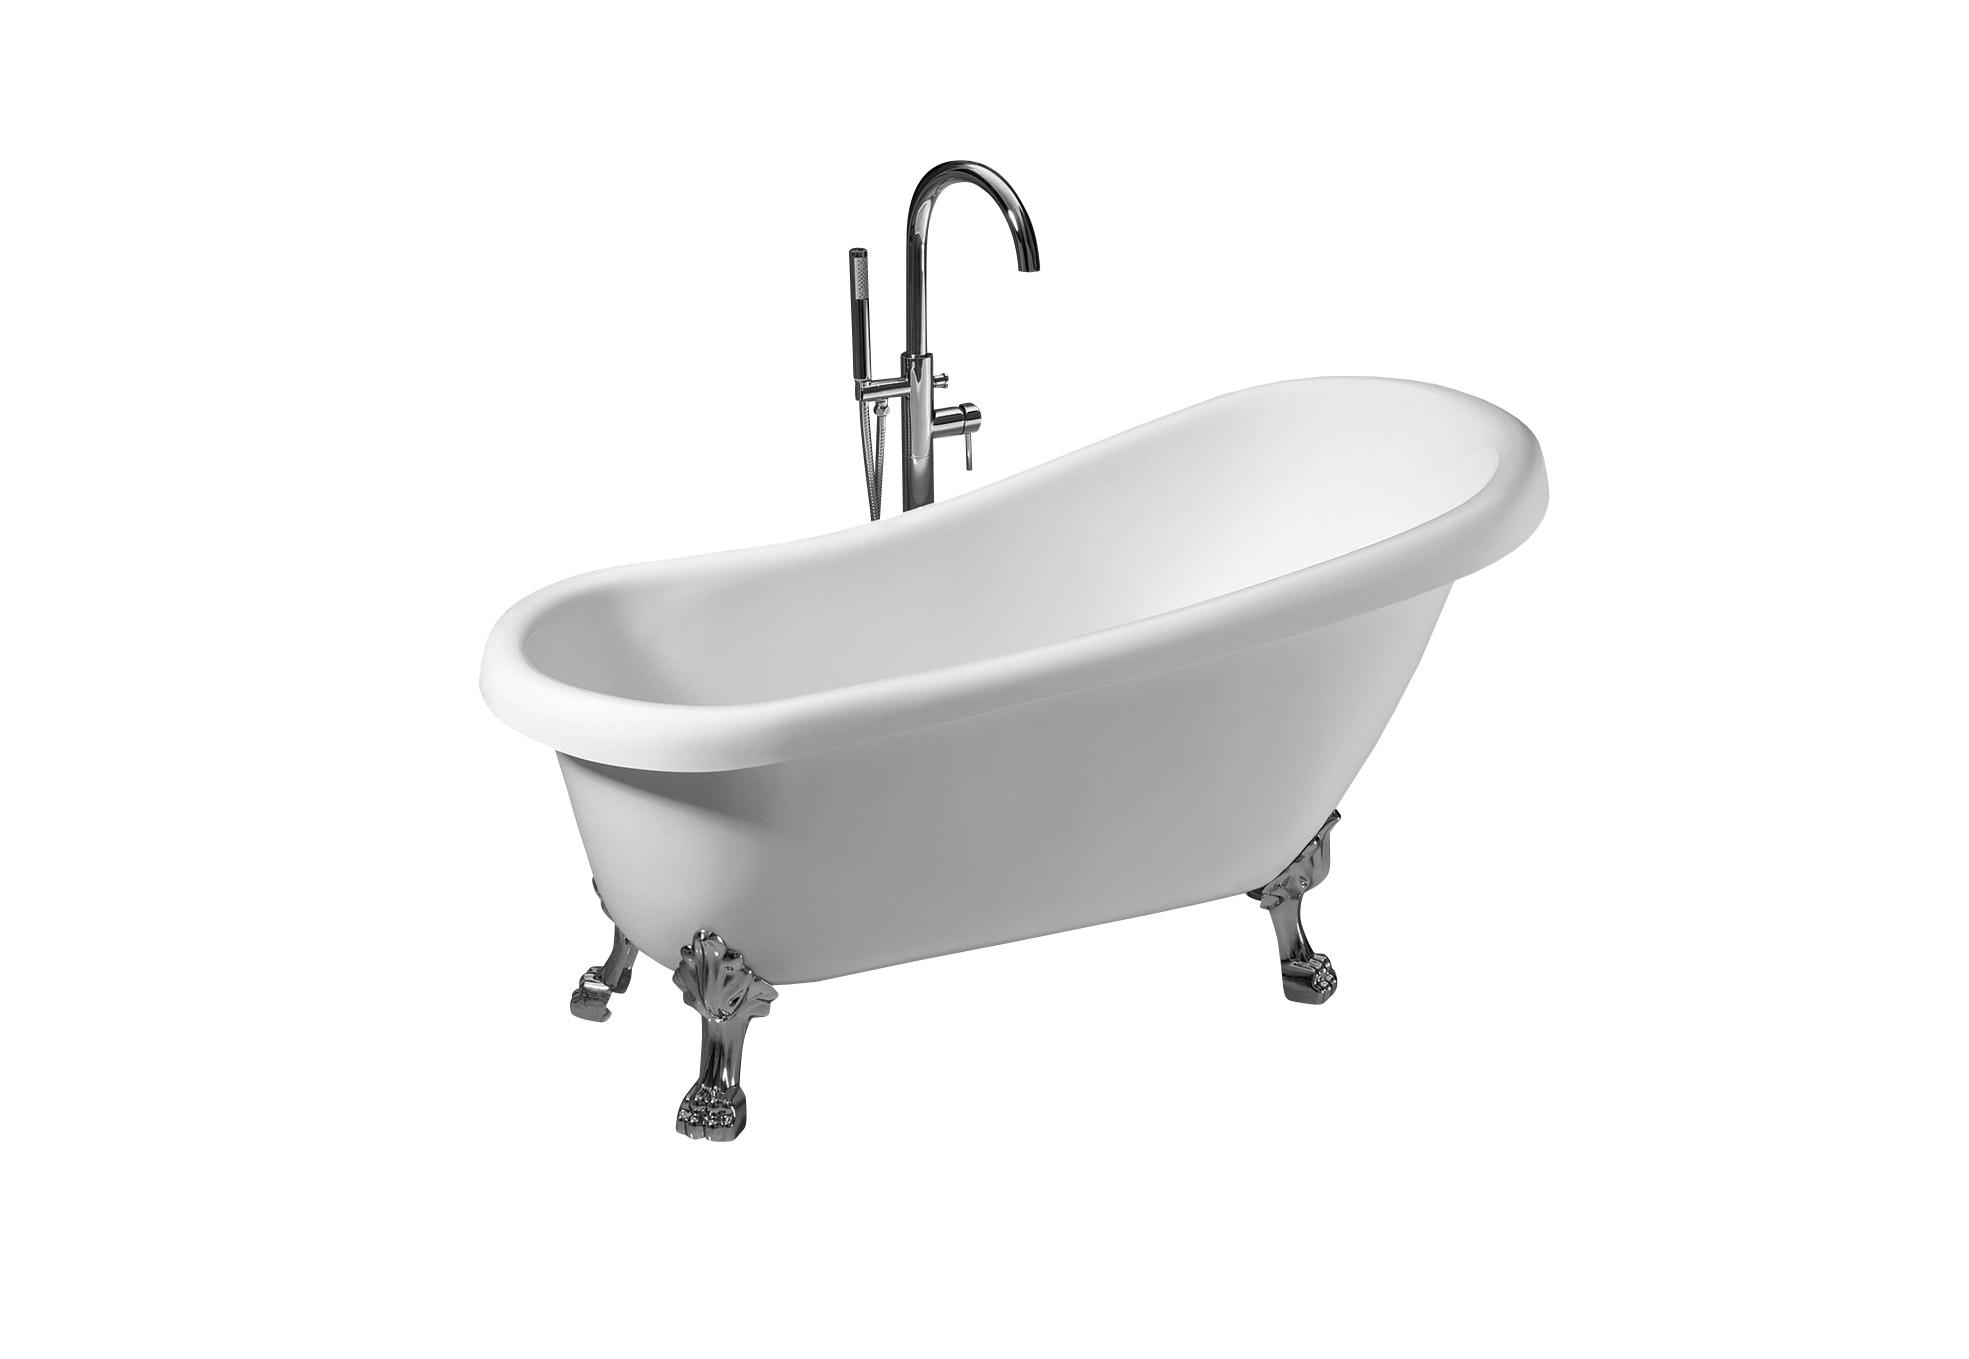 litet badkar med tassar